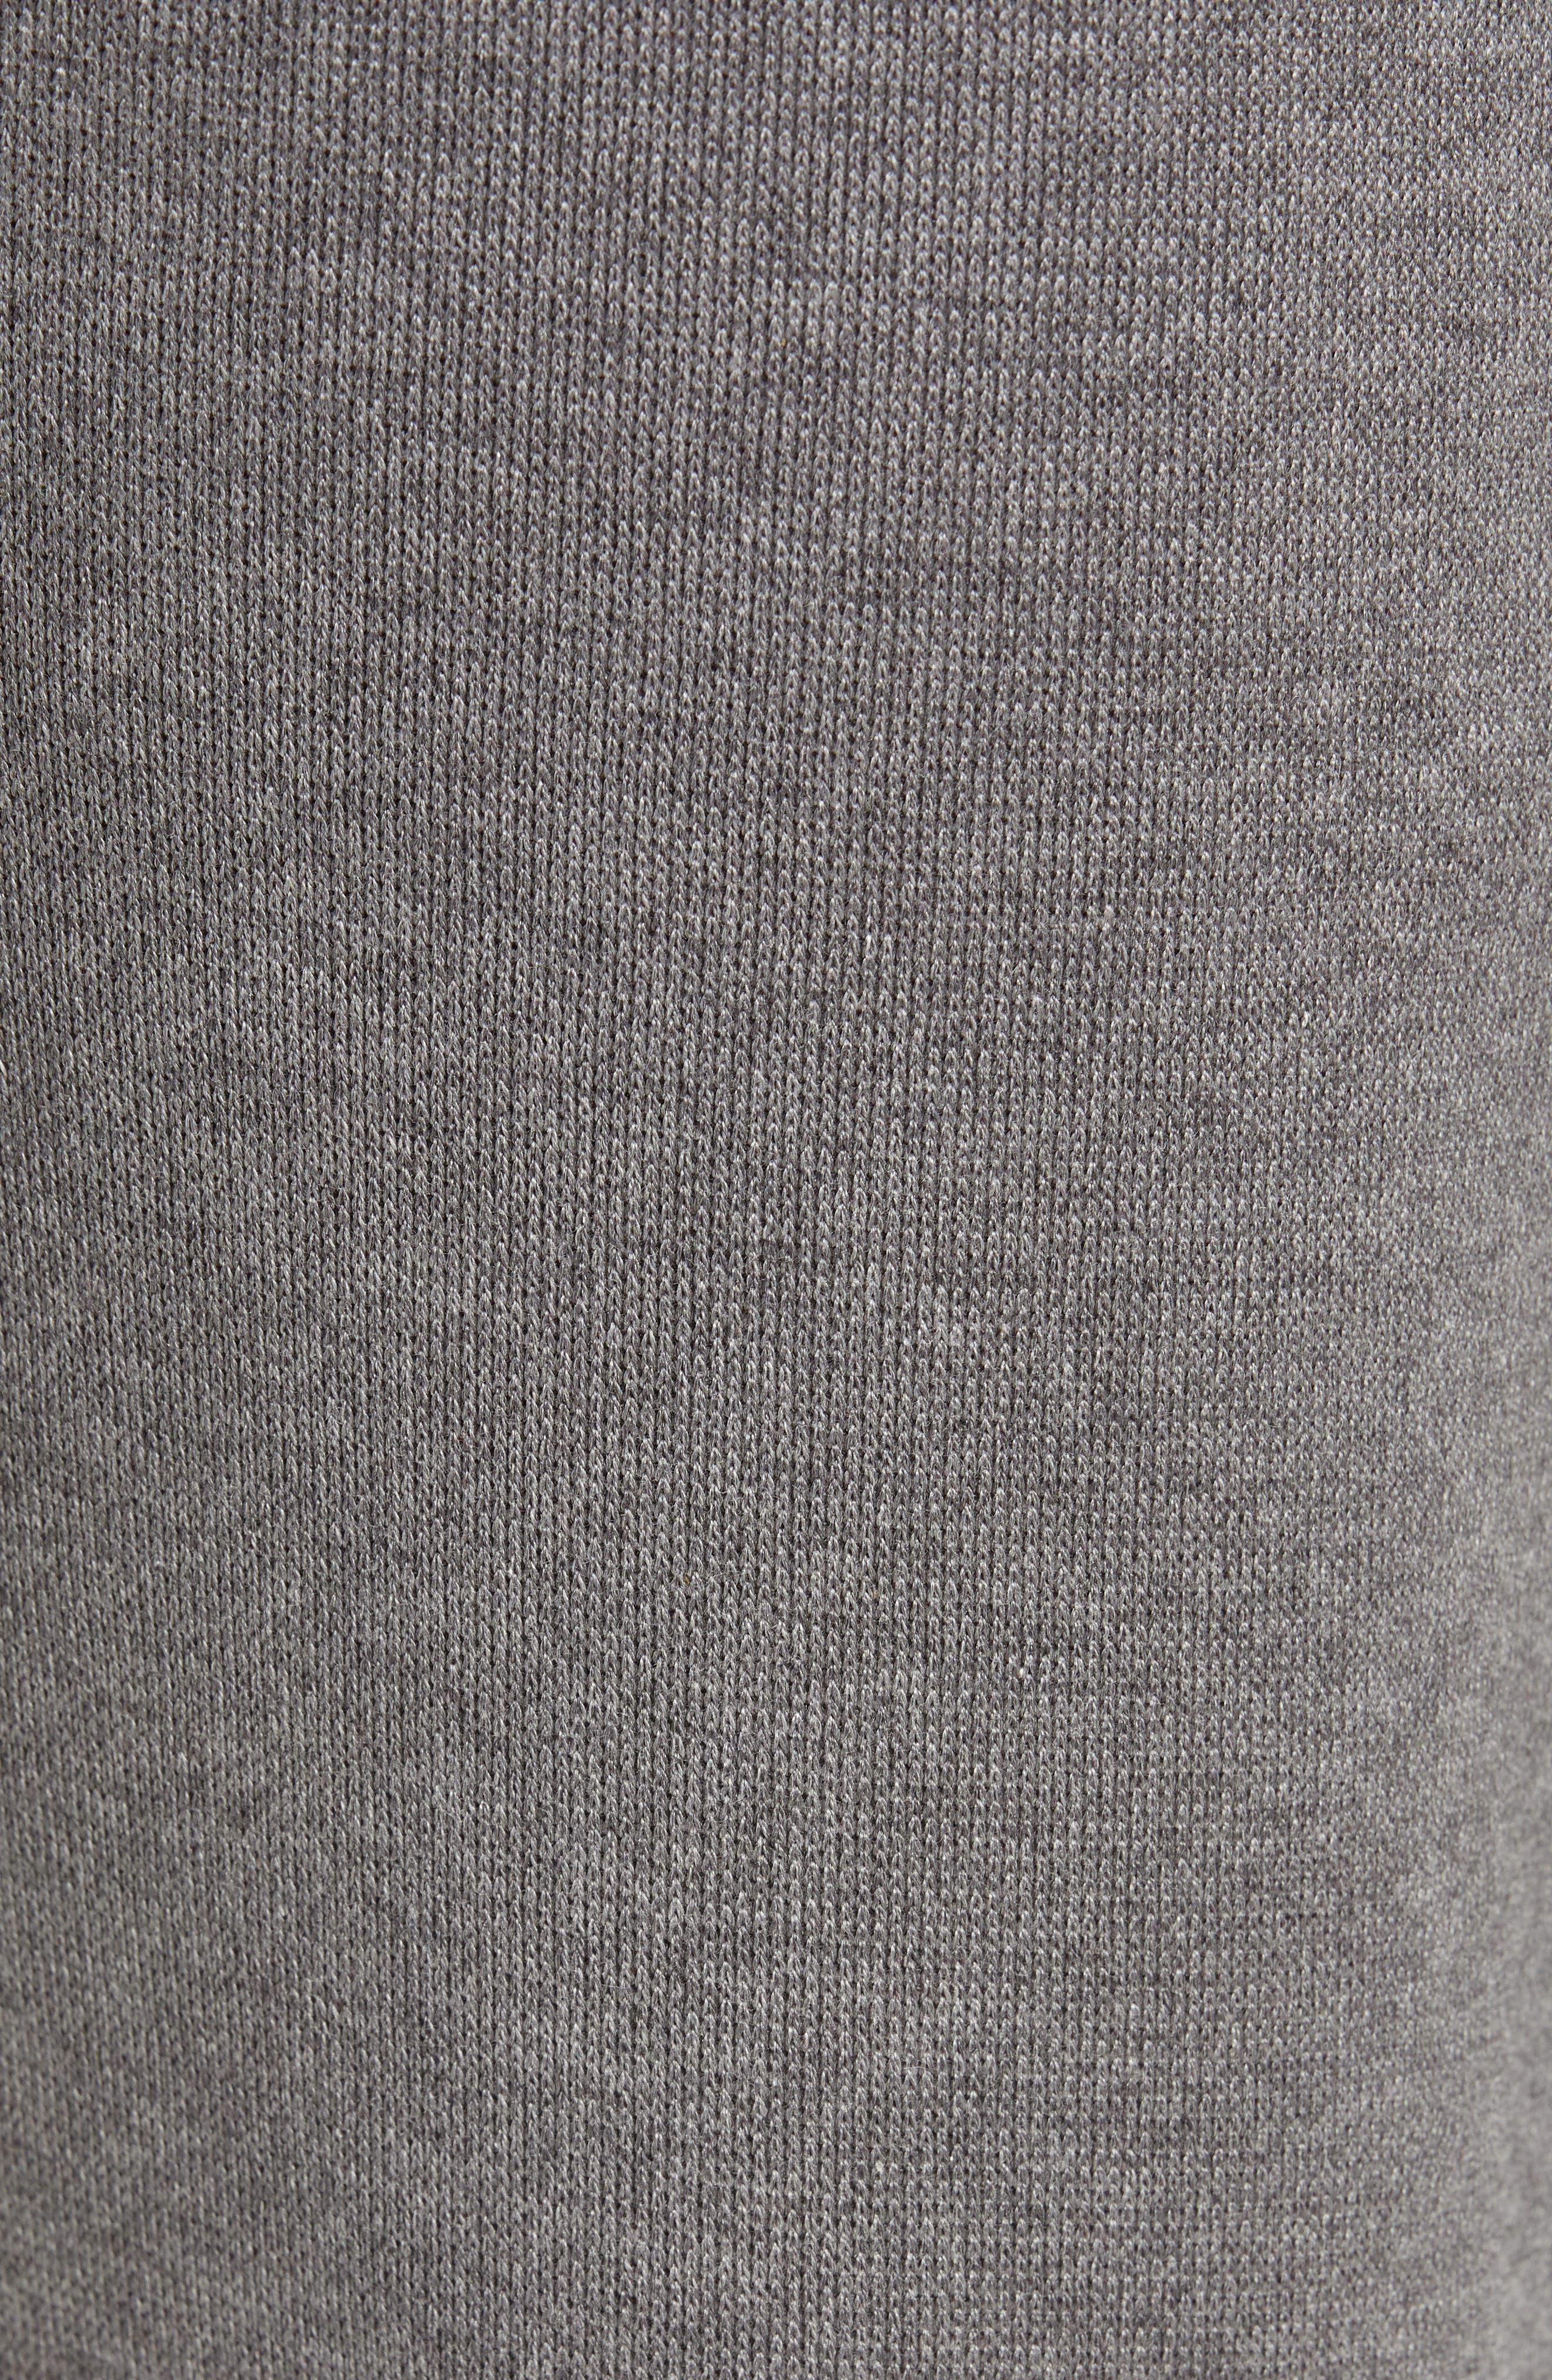 Derg Cotton Sweatpants,                             Alternate thumbnail 5, color,                             081